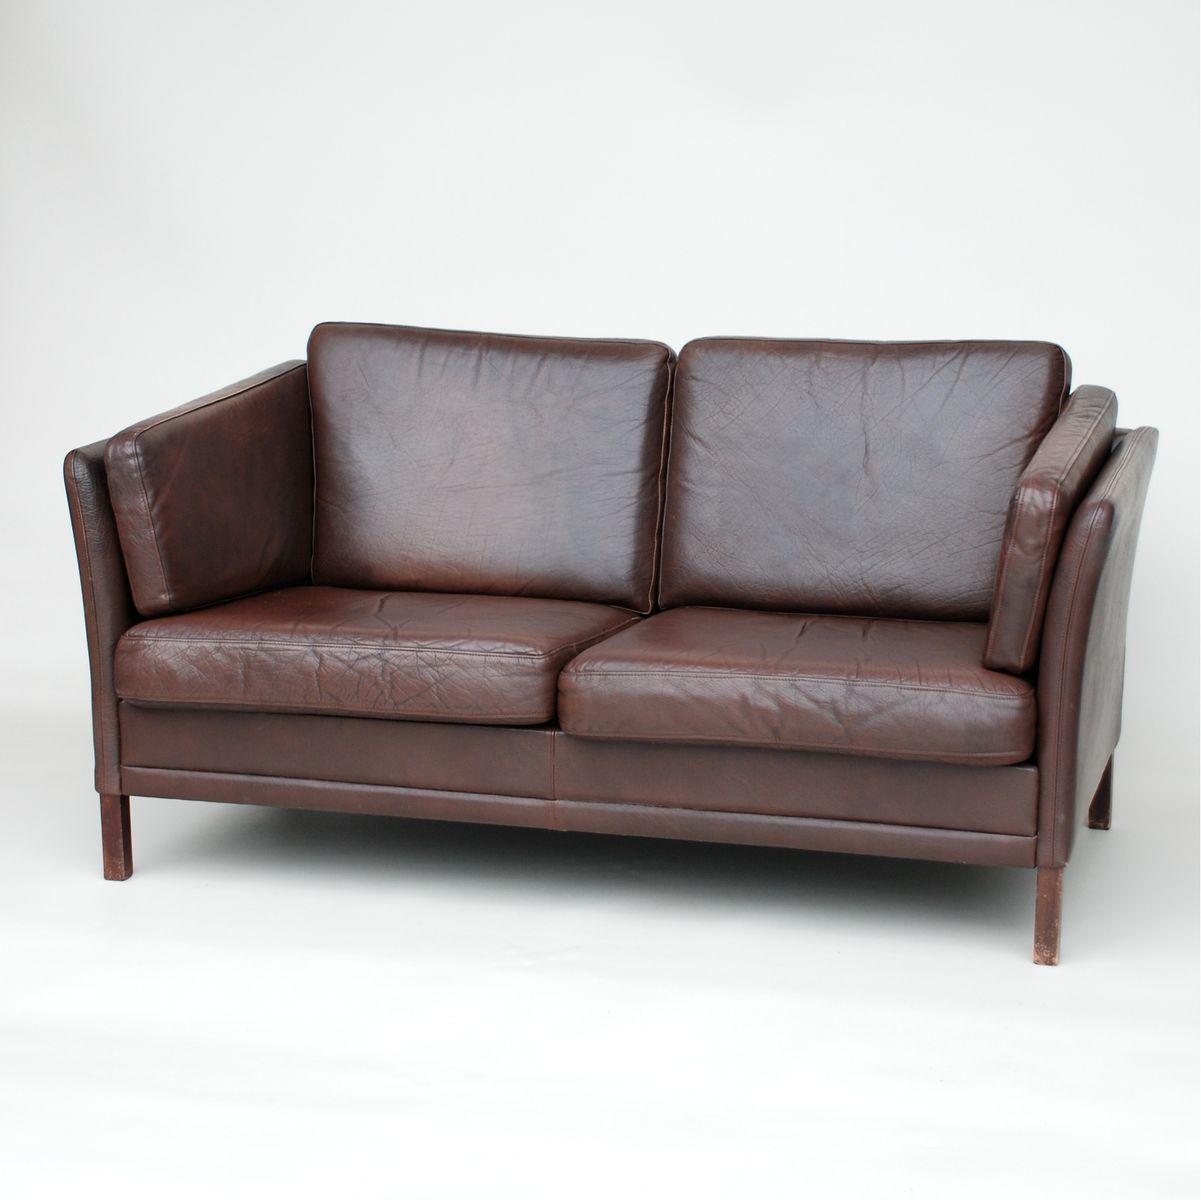 Danish Dark Brown Leather Sofa 1970s For Sale At Pamono